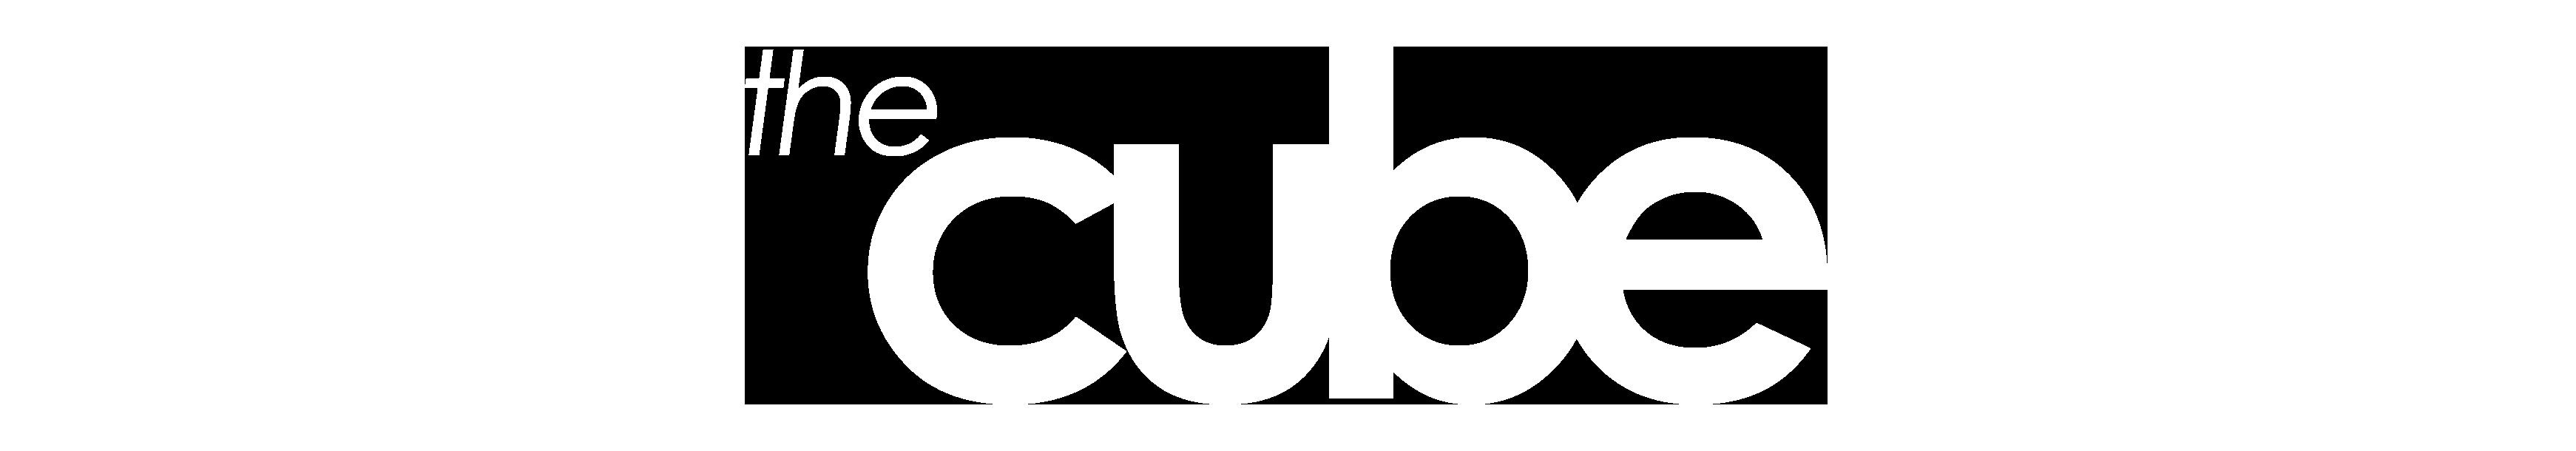 The Cube Logo White